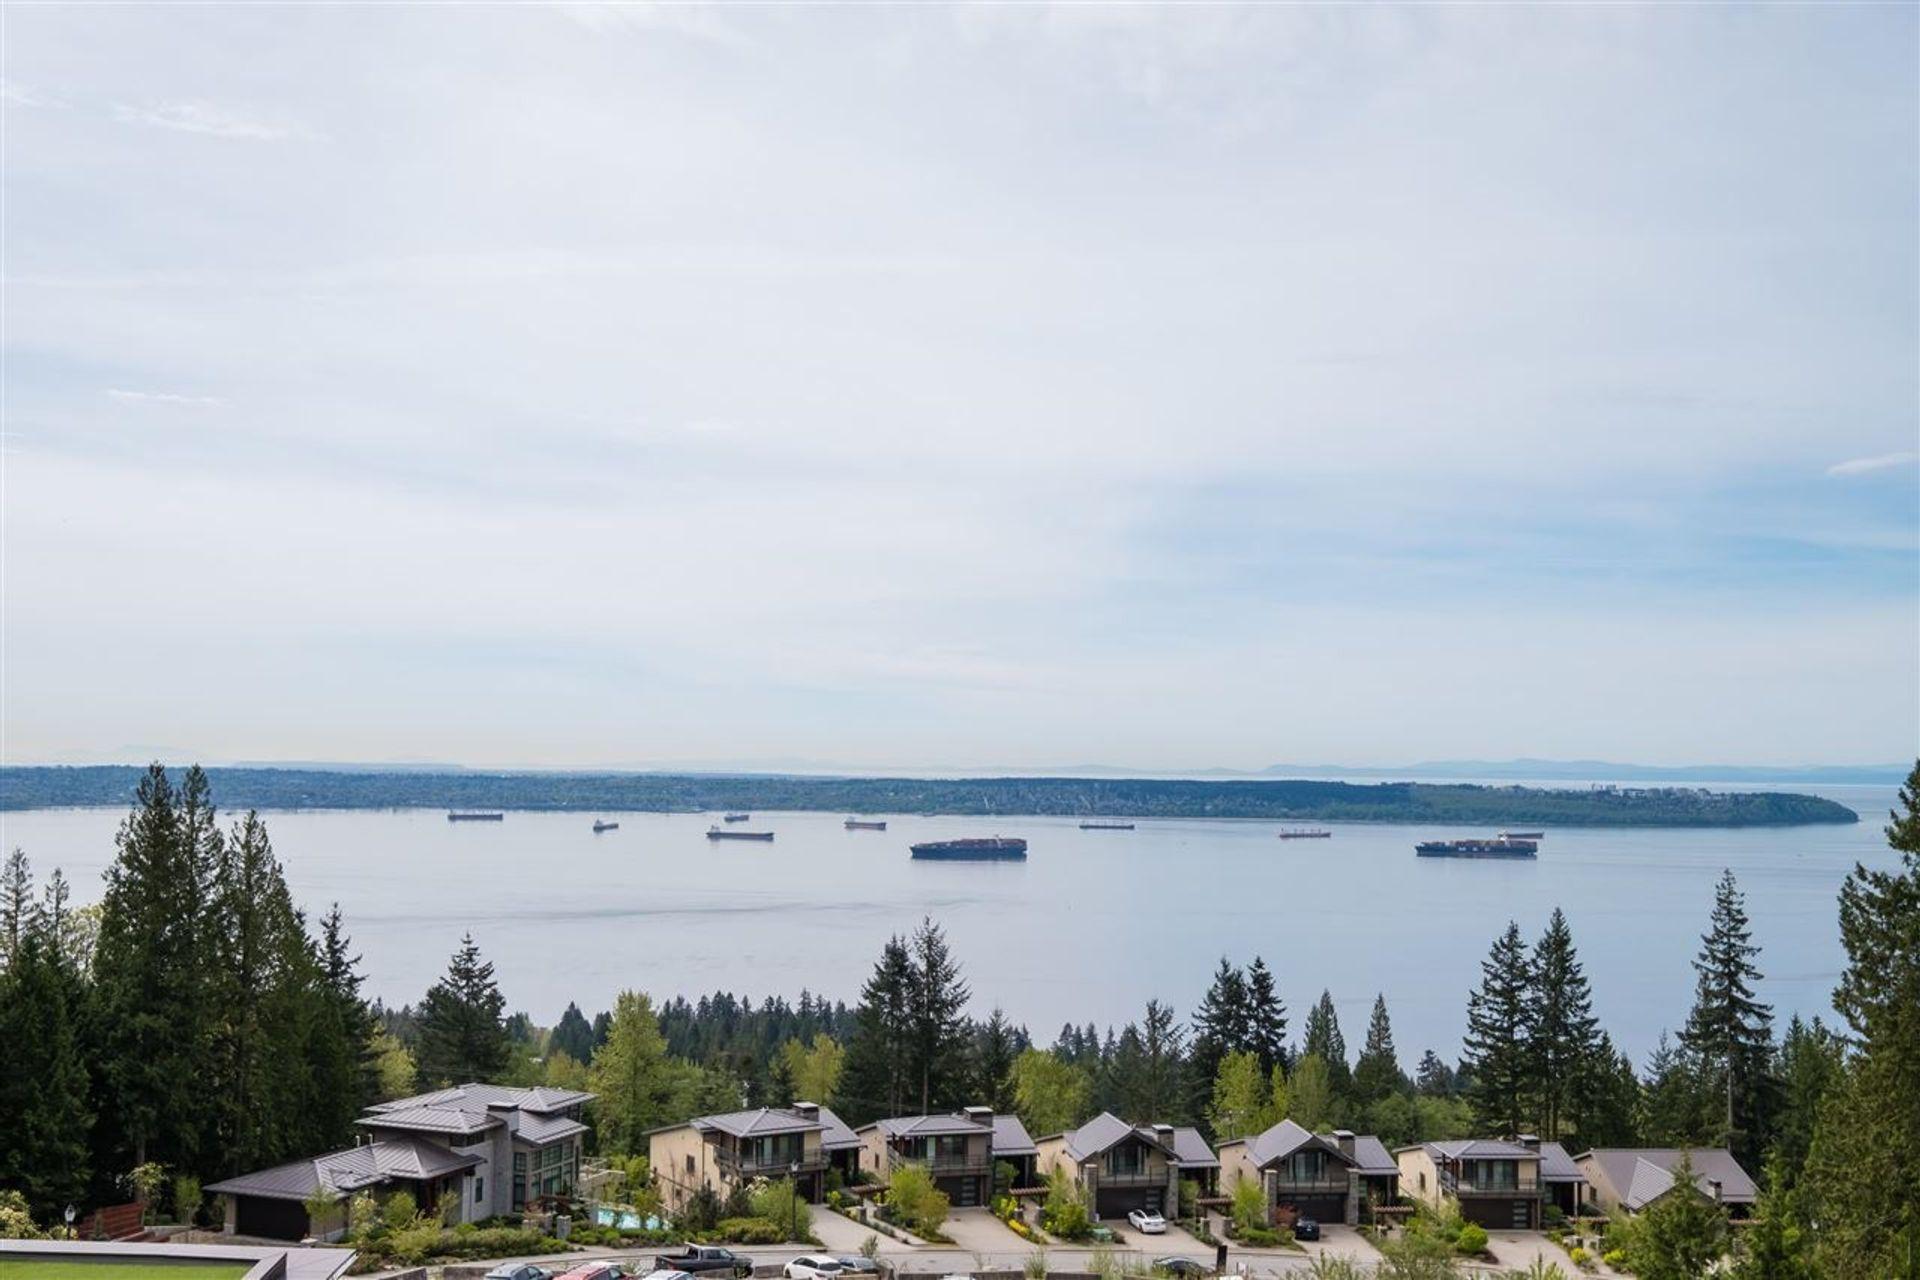 2958-burfield-place-cypress-park-estates-west-vancouver-06 at 302 - 2958 Burfield Place, Cypress Park Estates, West Vancouver